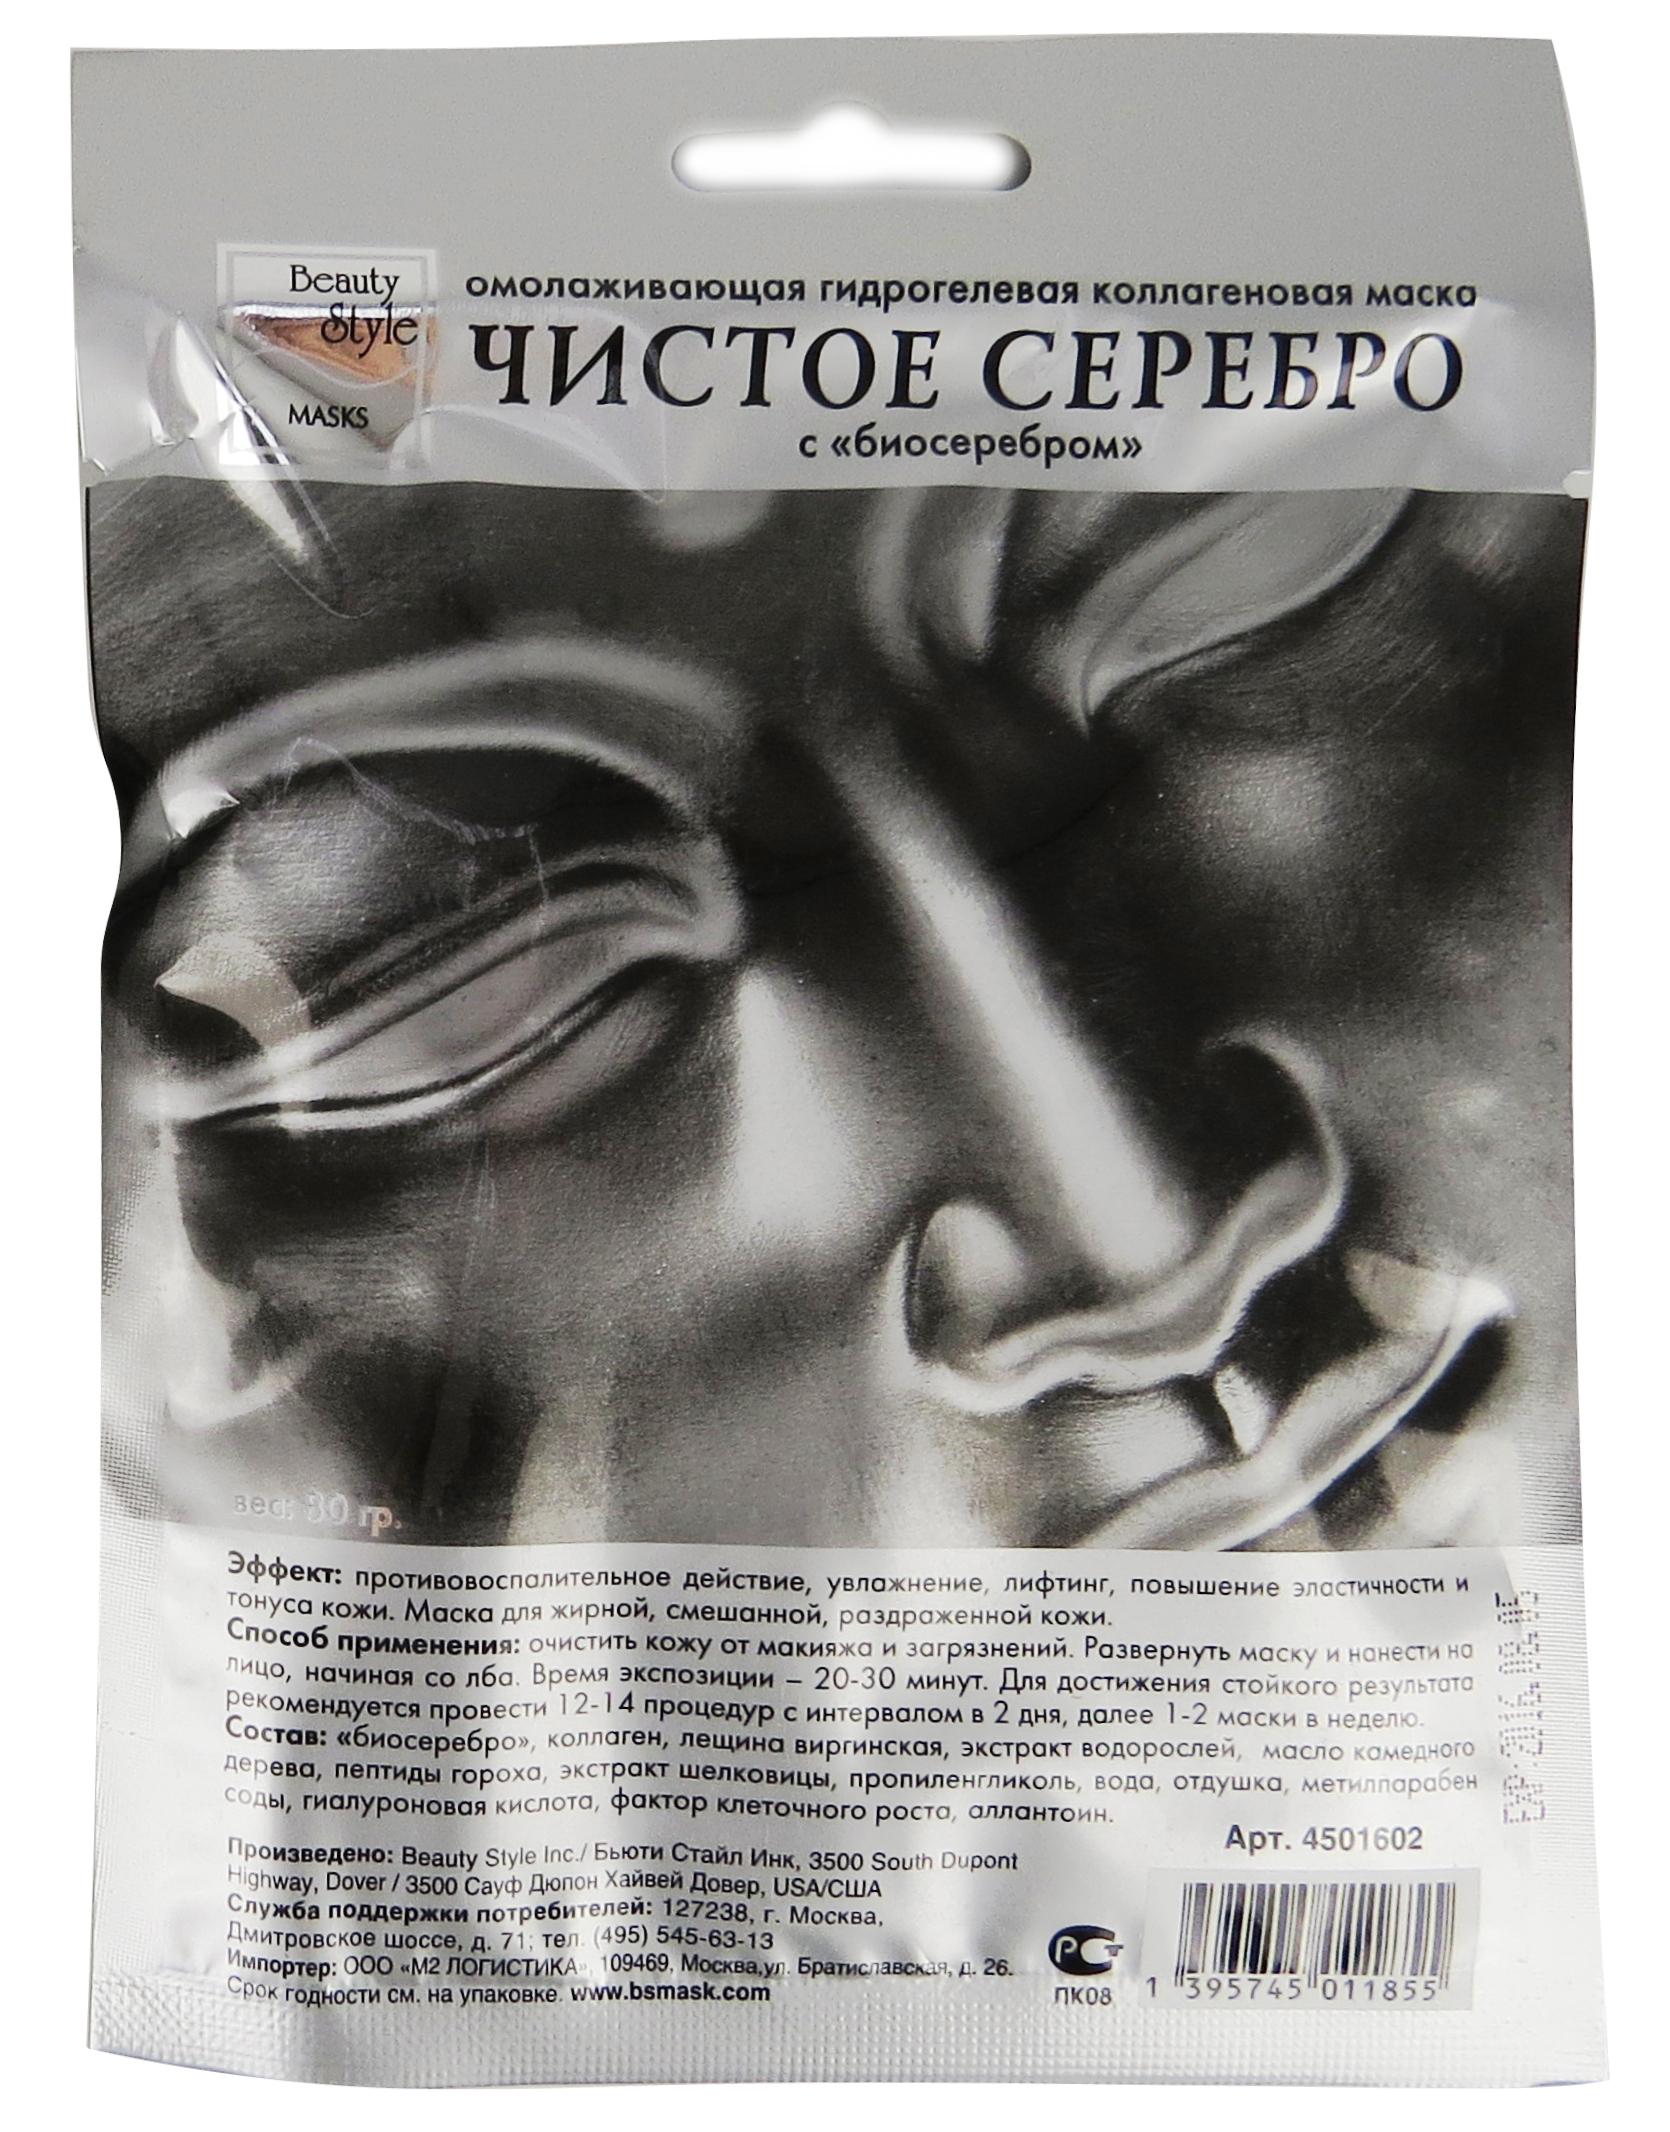 BEAUTY STYLE Маска гидрогелевая омолаживающая коллагеновая Чистое серебро 1 шт фото